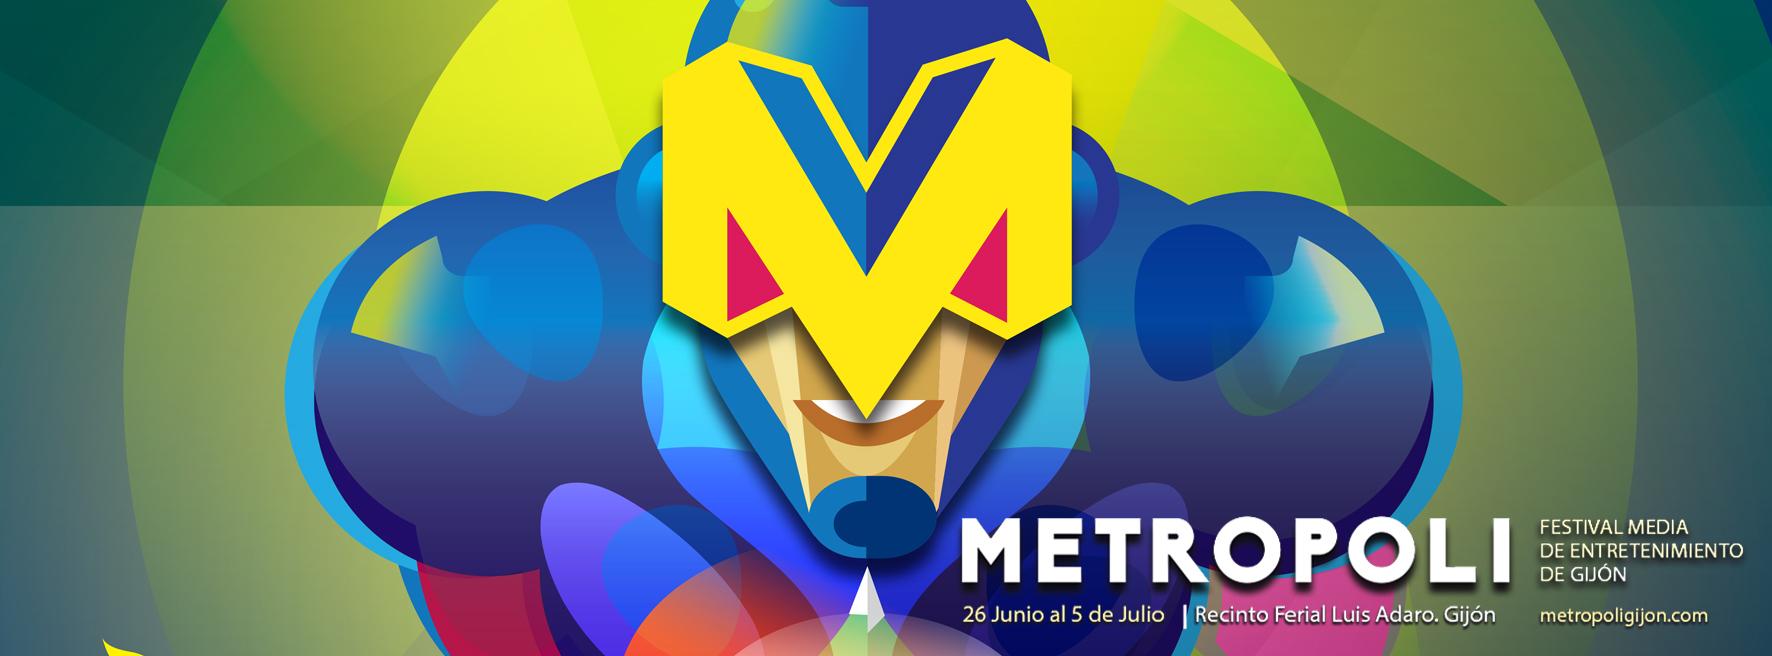 Metrohero, cartel de Metrópoli Gijón 2015